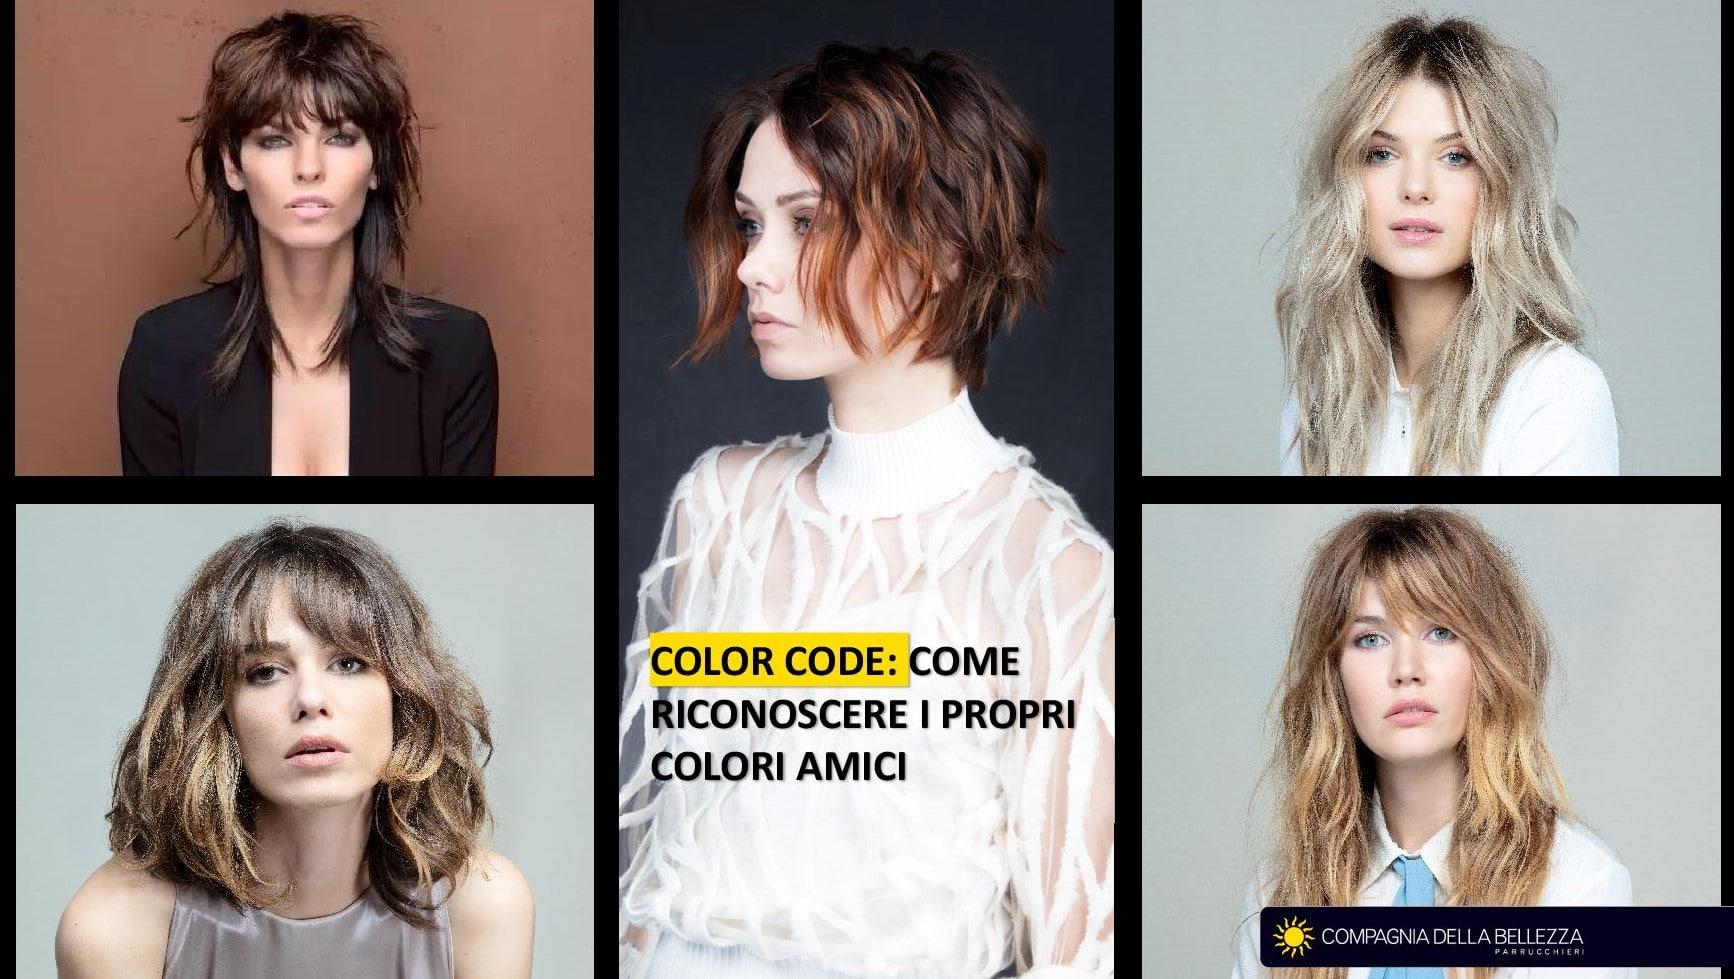 Color code: come riconoscere i propri colori amici